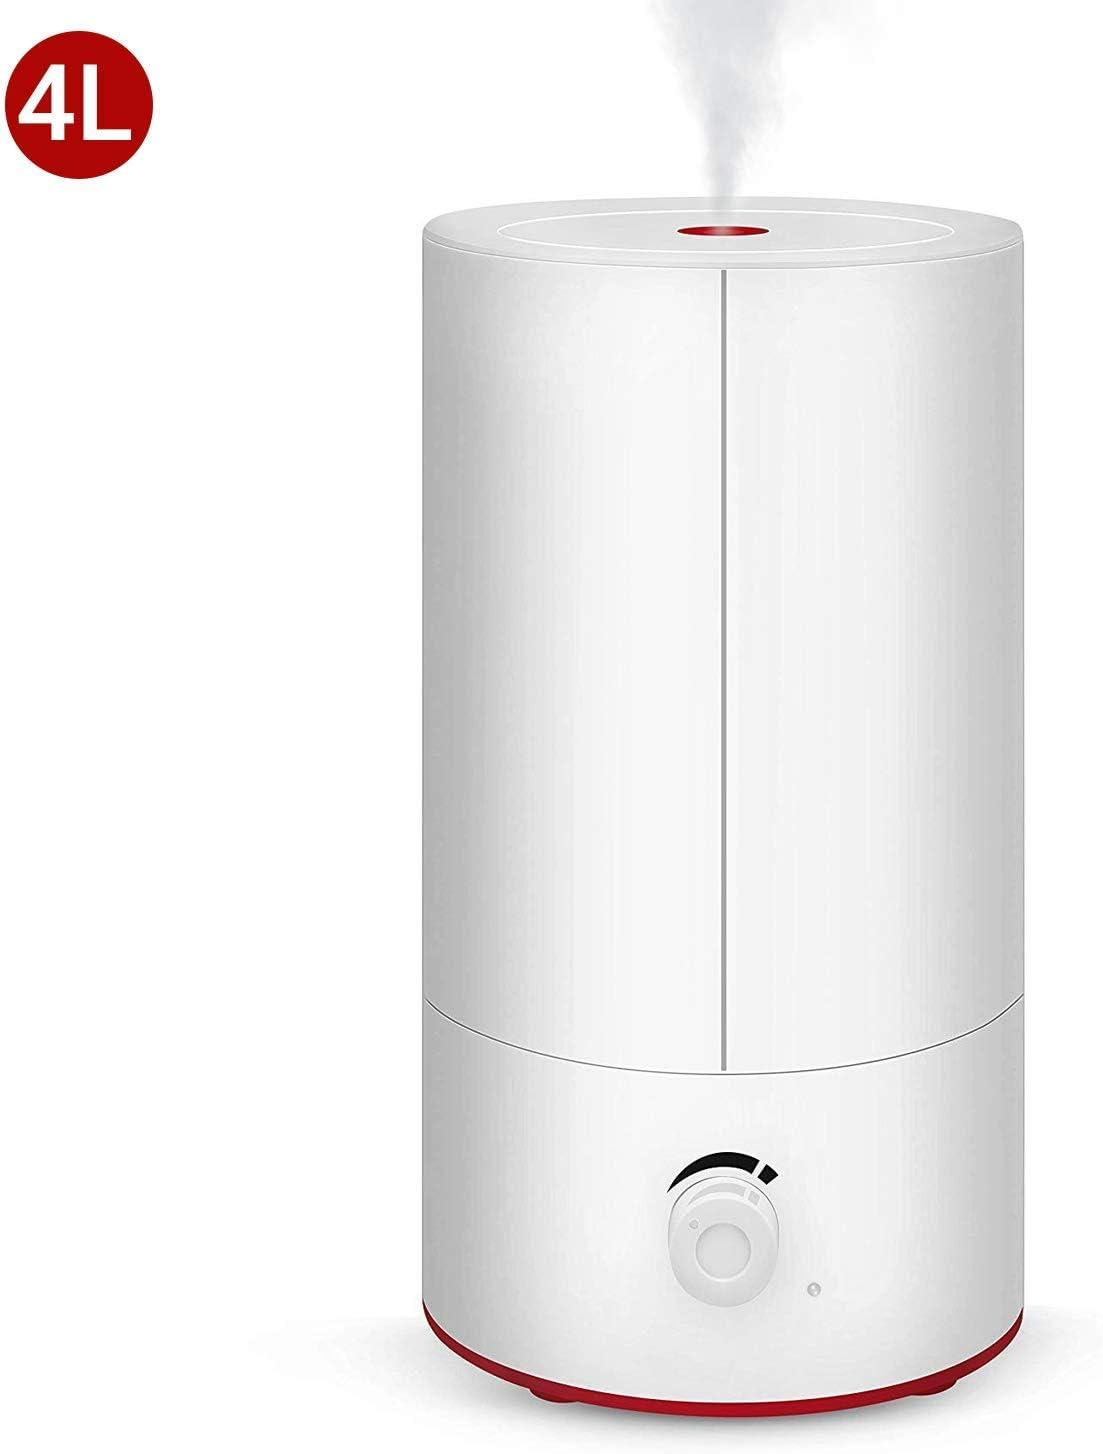 Movaty 4L Humidificador Purificador Difusor de Aroma,Ambientador,3 Niveles de Humedad Ajustable,Difusor Bebé Seguridad Ultrasónico,Gran Capacidad,Silencioso,Boquilla 360° Grados: Amazon.es: Hogar